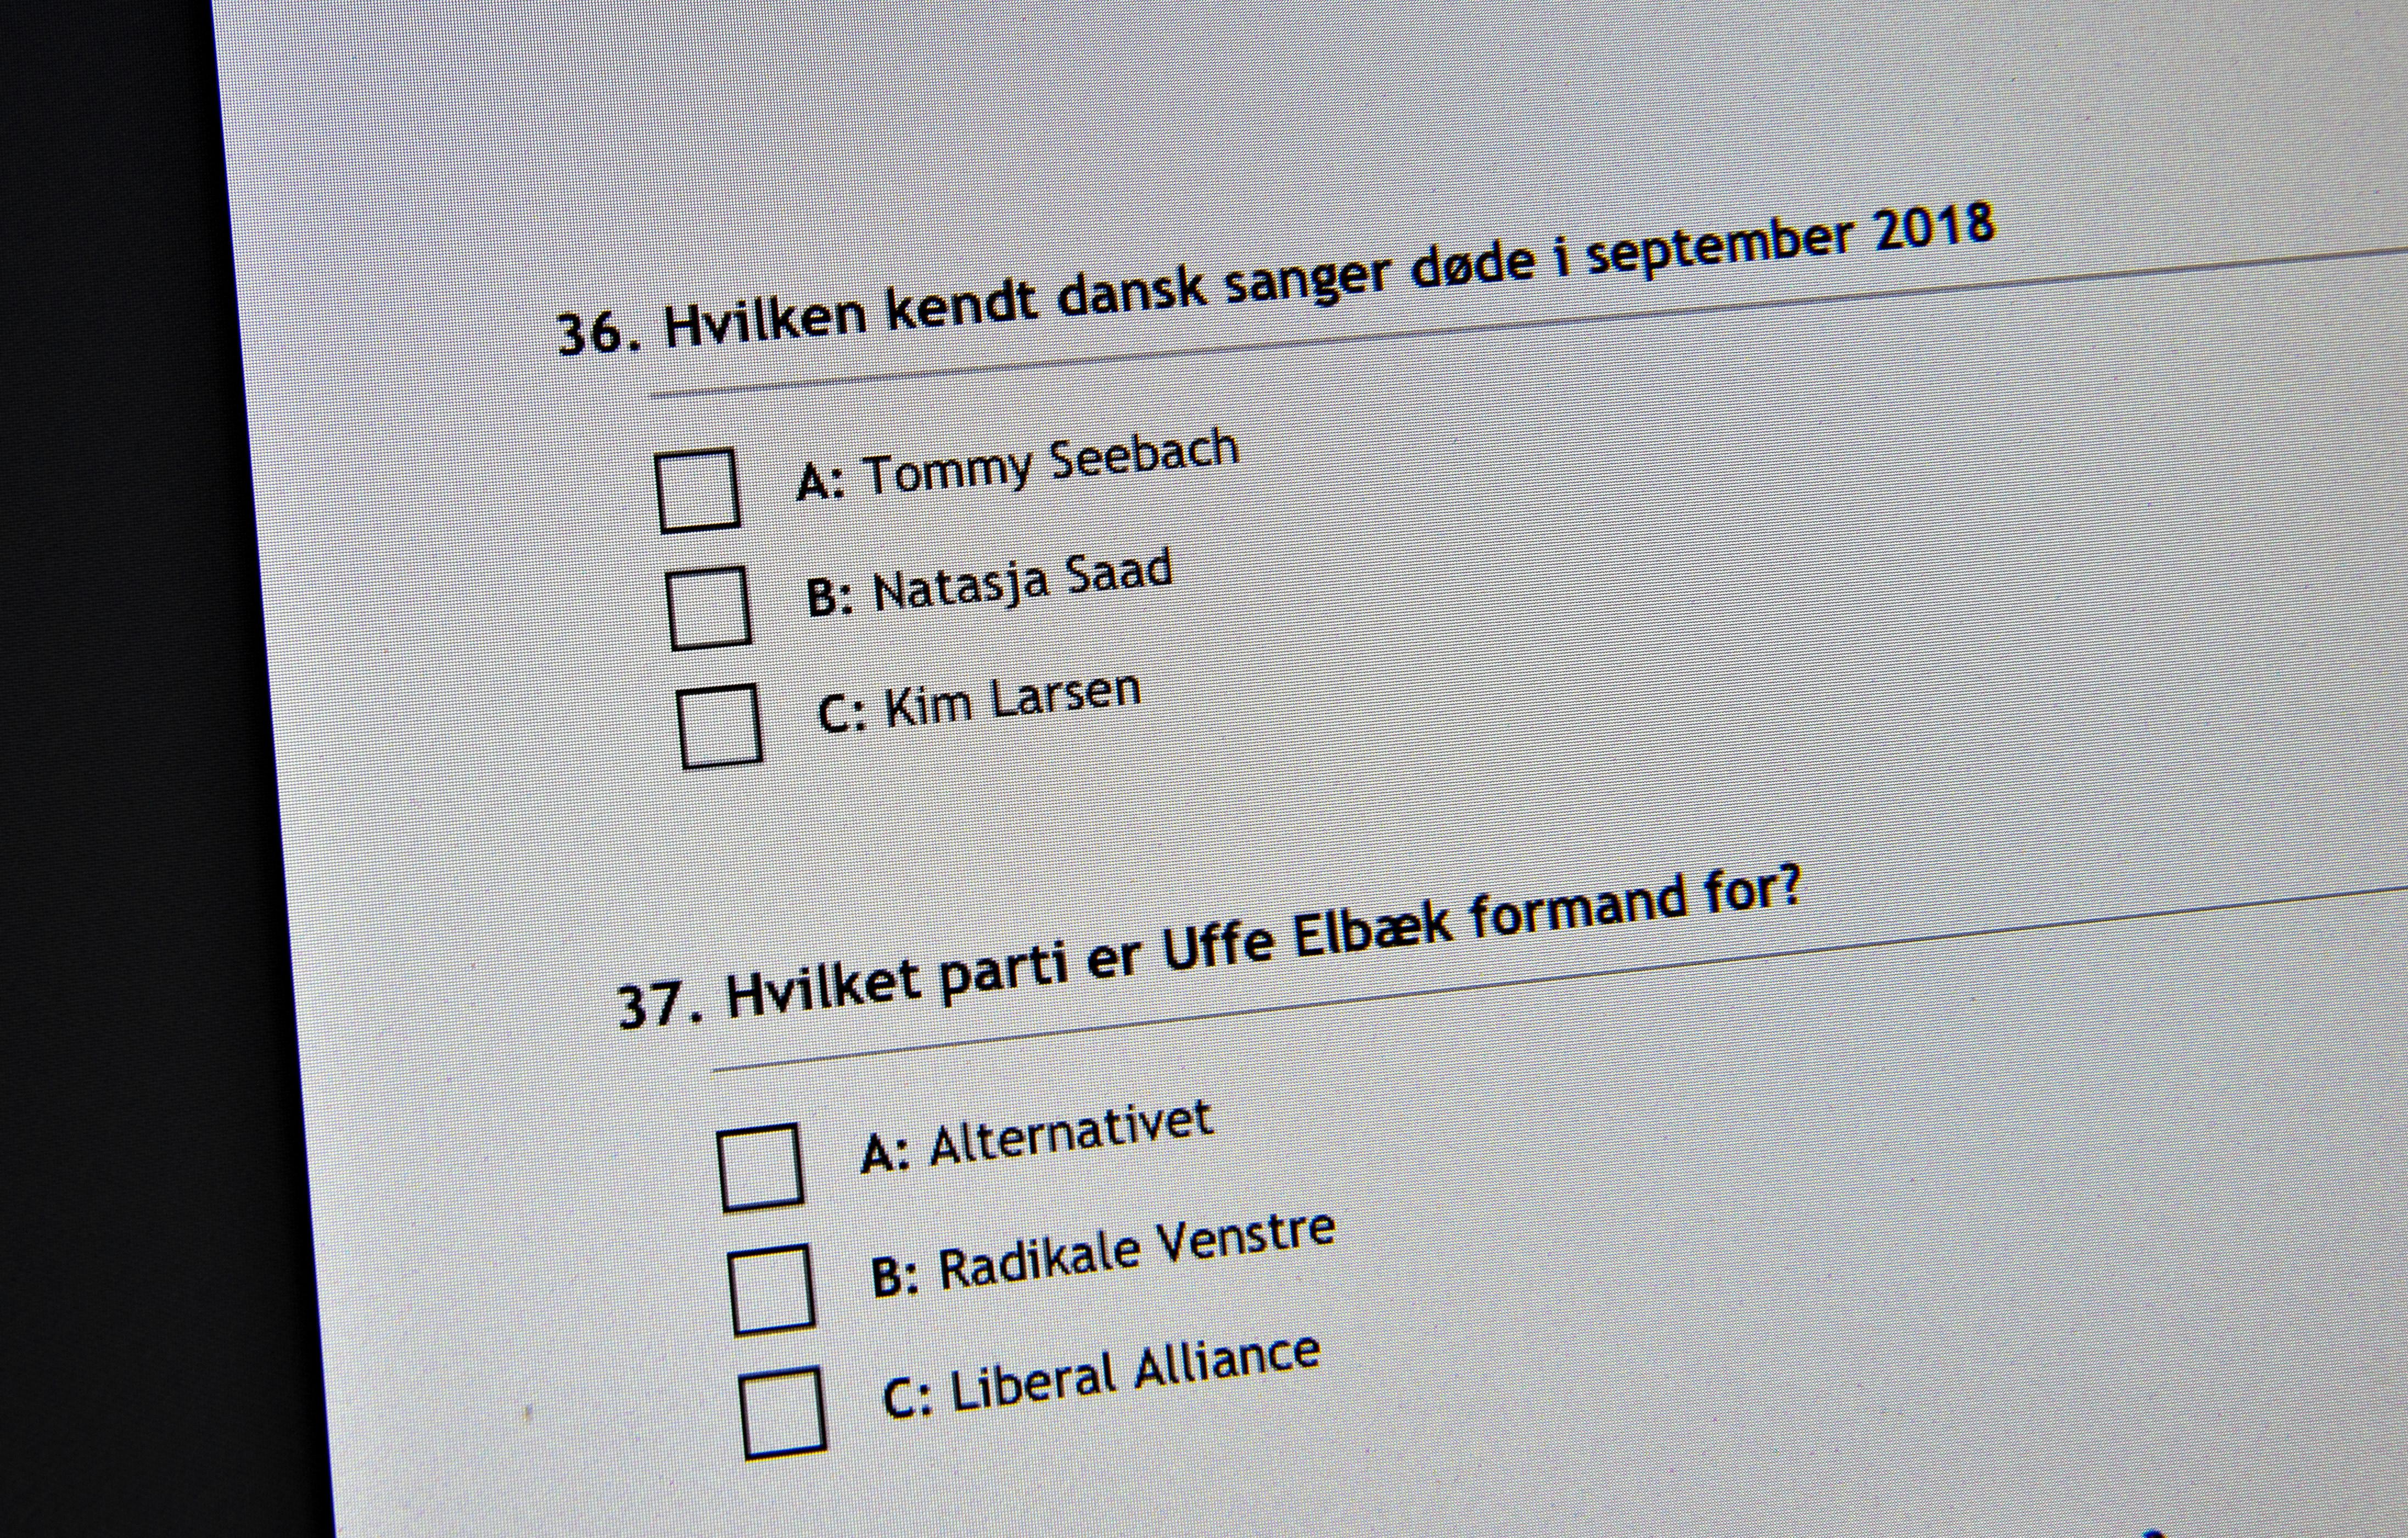 kan jeg blive dansk statsborger